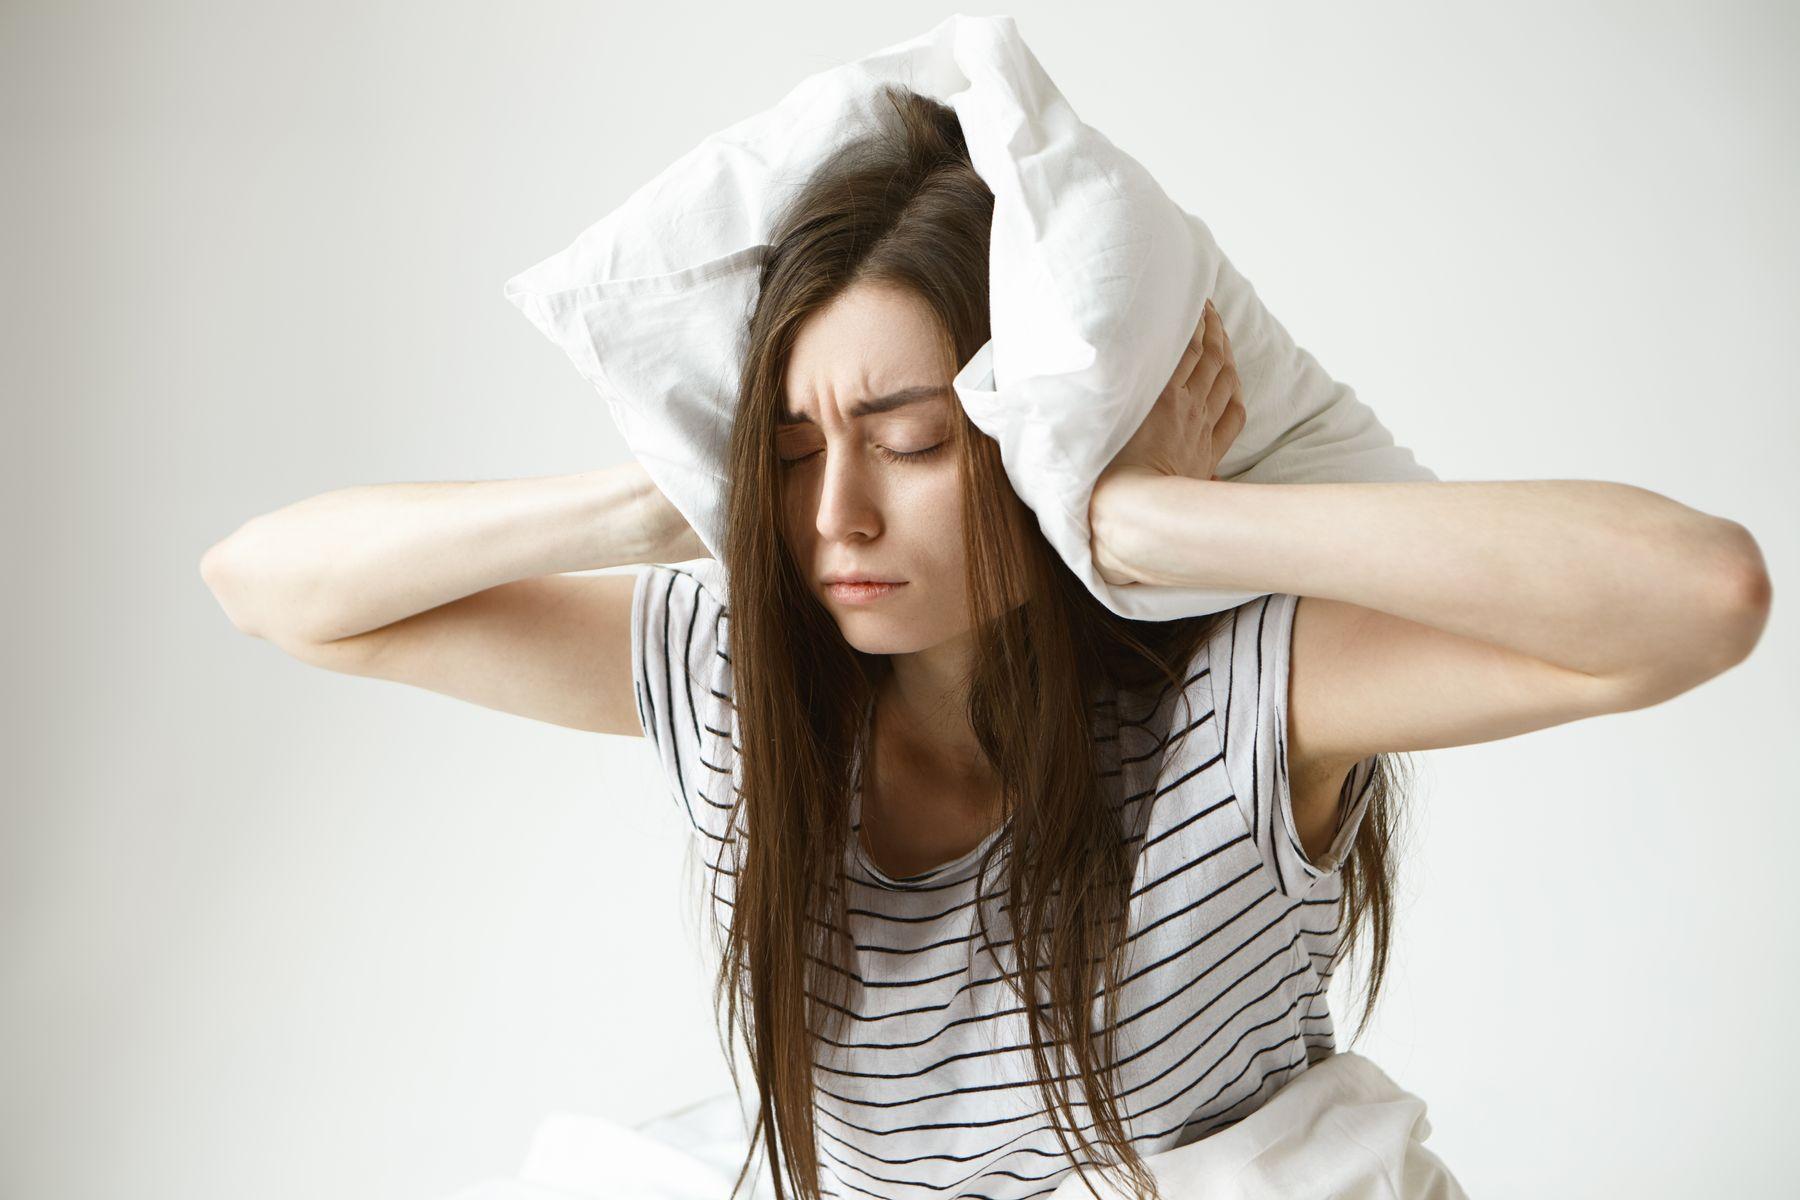 四大原因引发的失眠 失眠的危害和调理方法